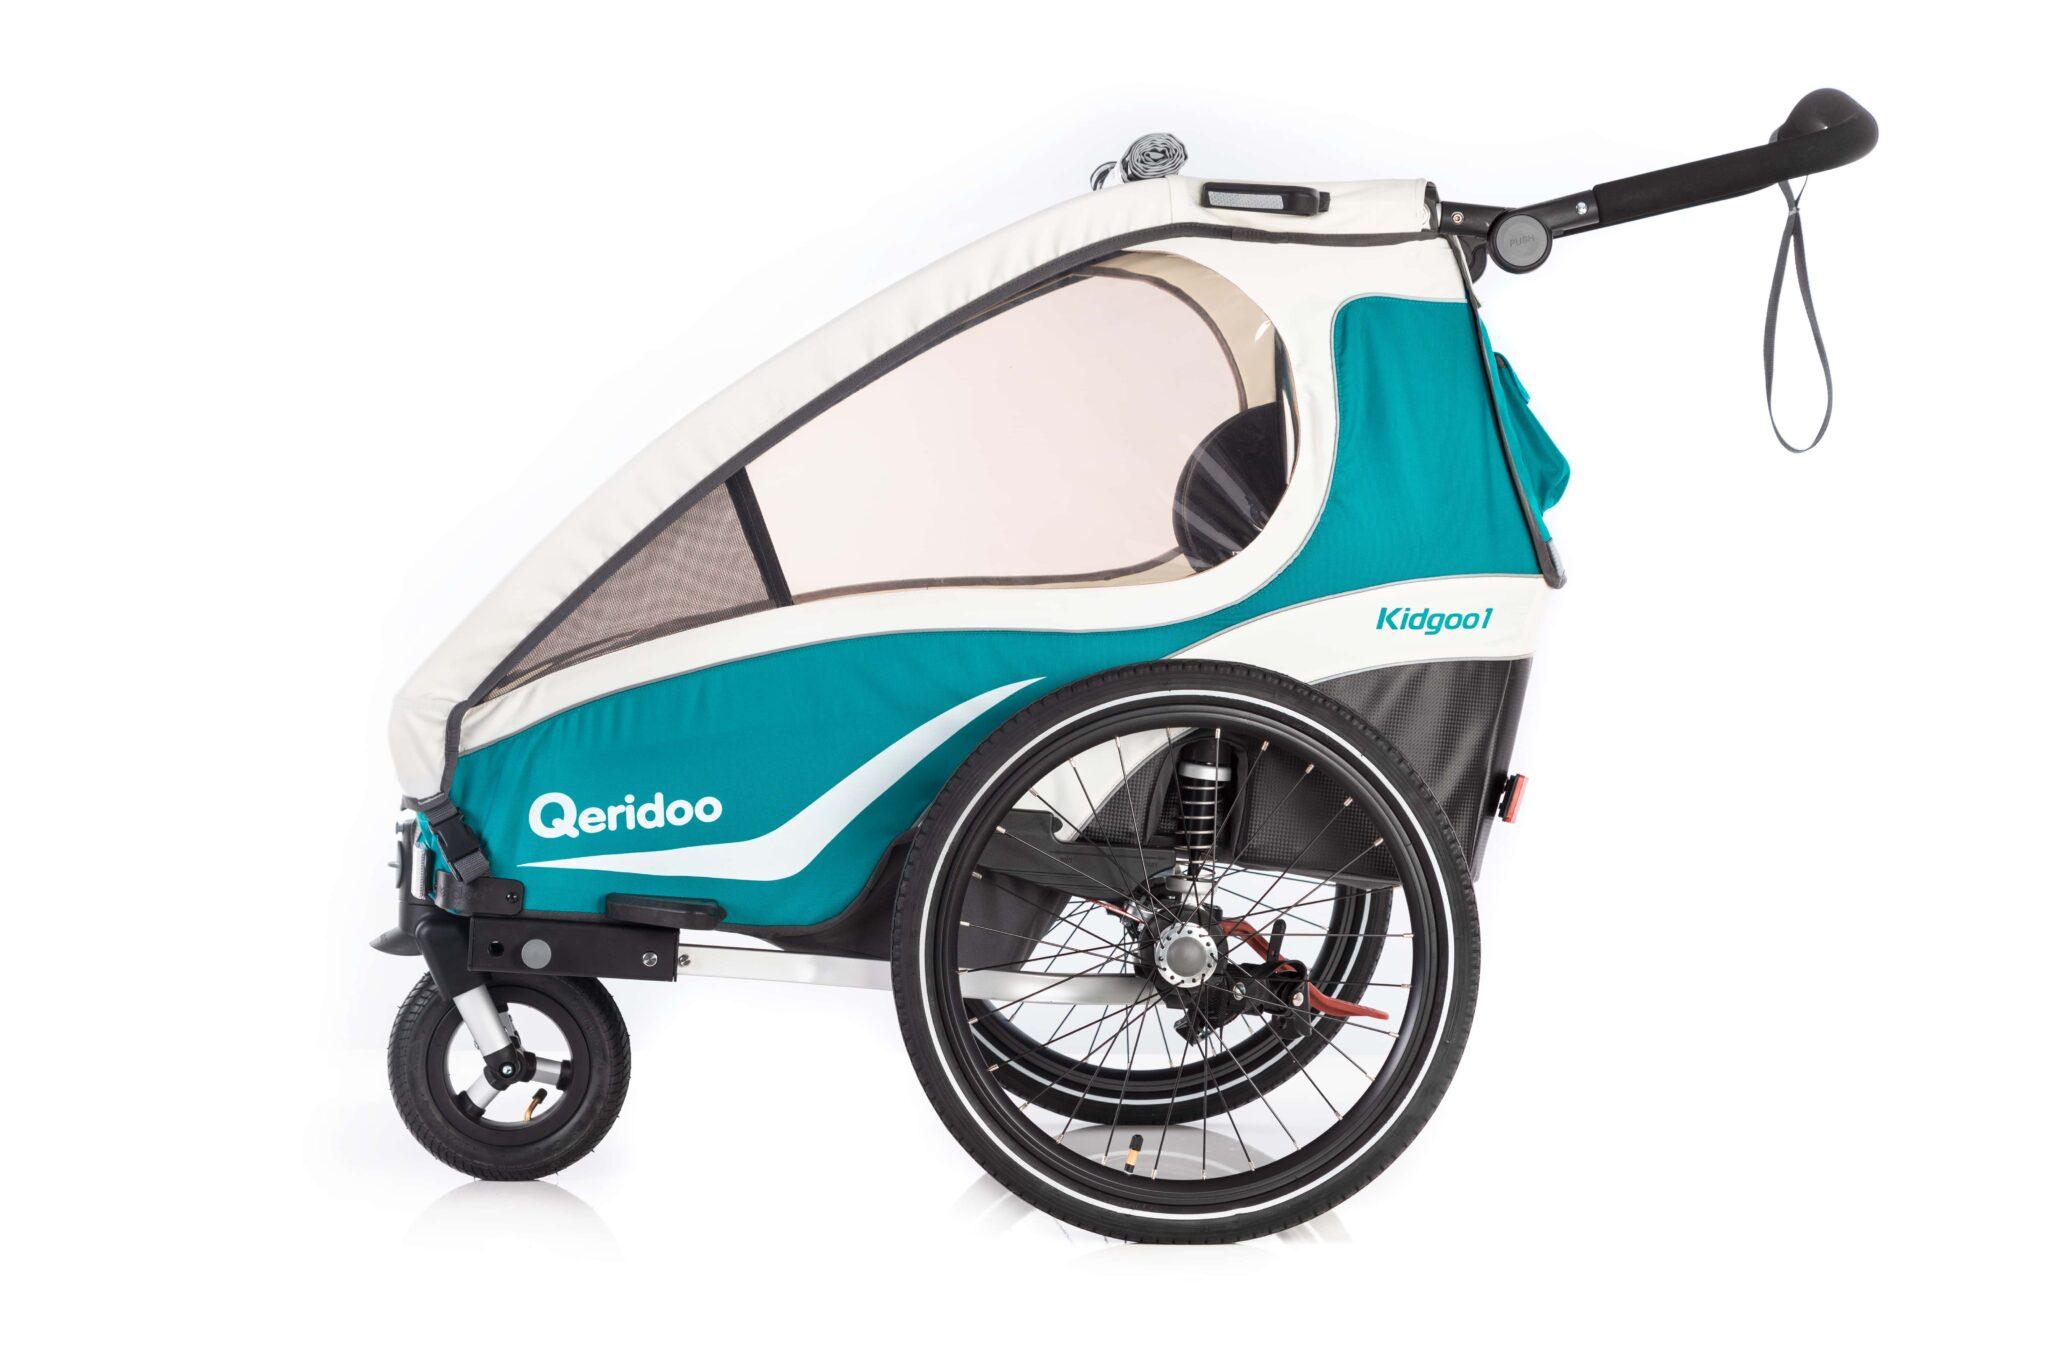 Qeridoo Der Kindersportwagen Fahrradanhänger Sportgerät Und